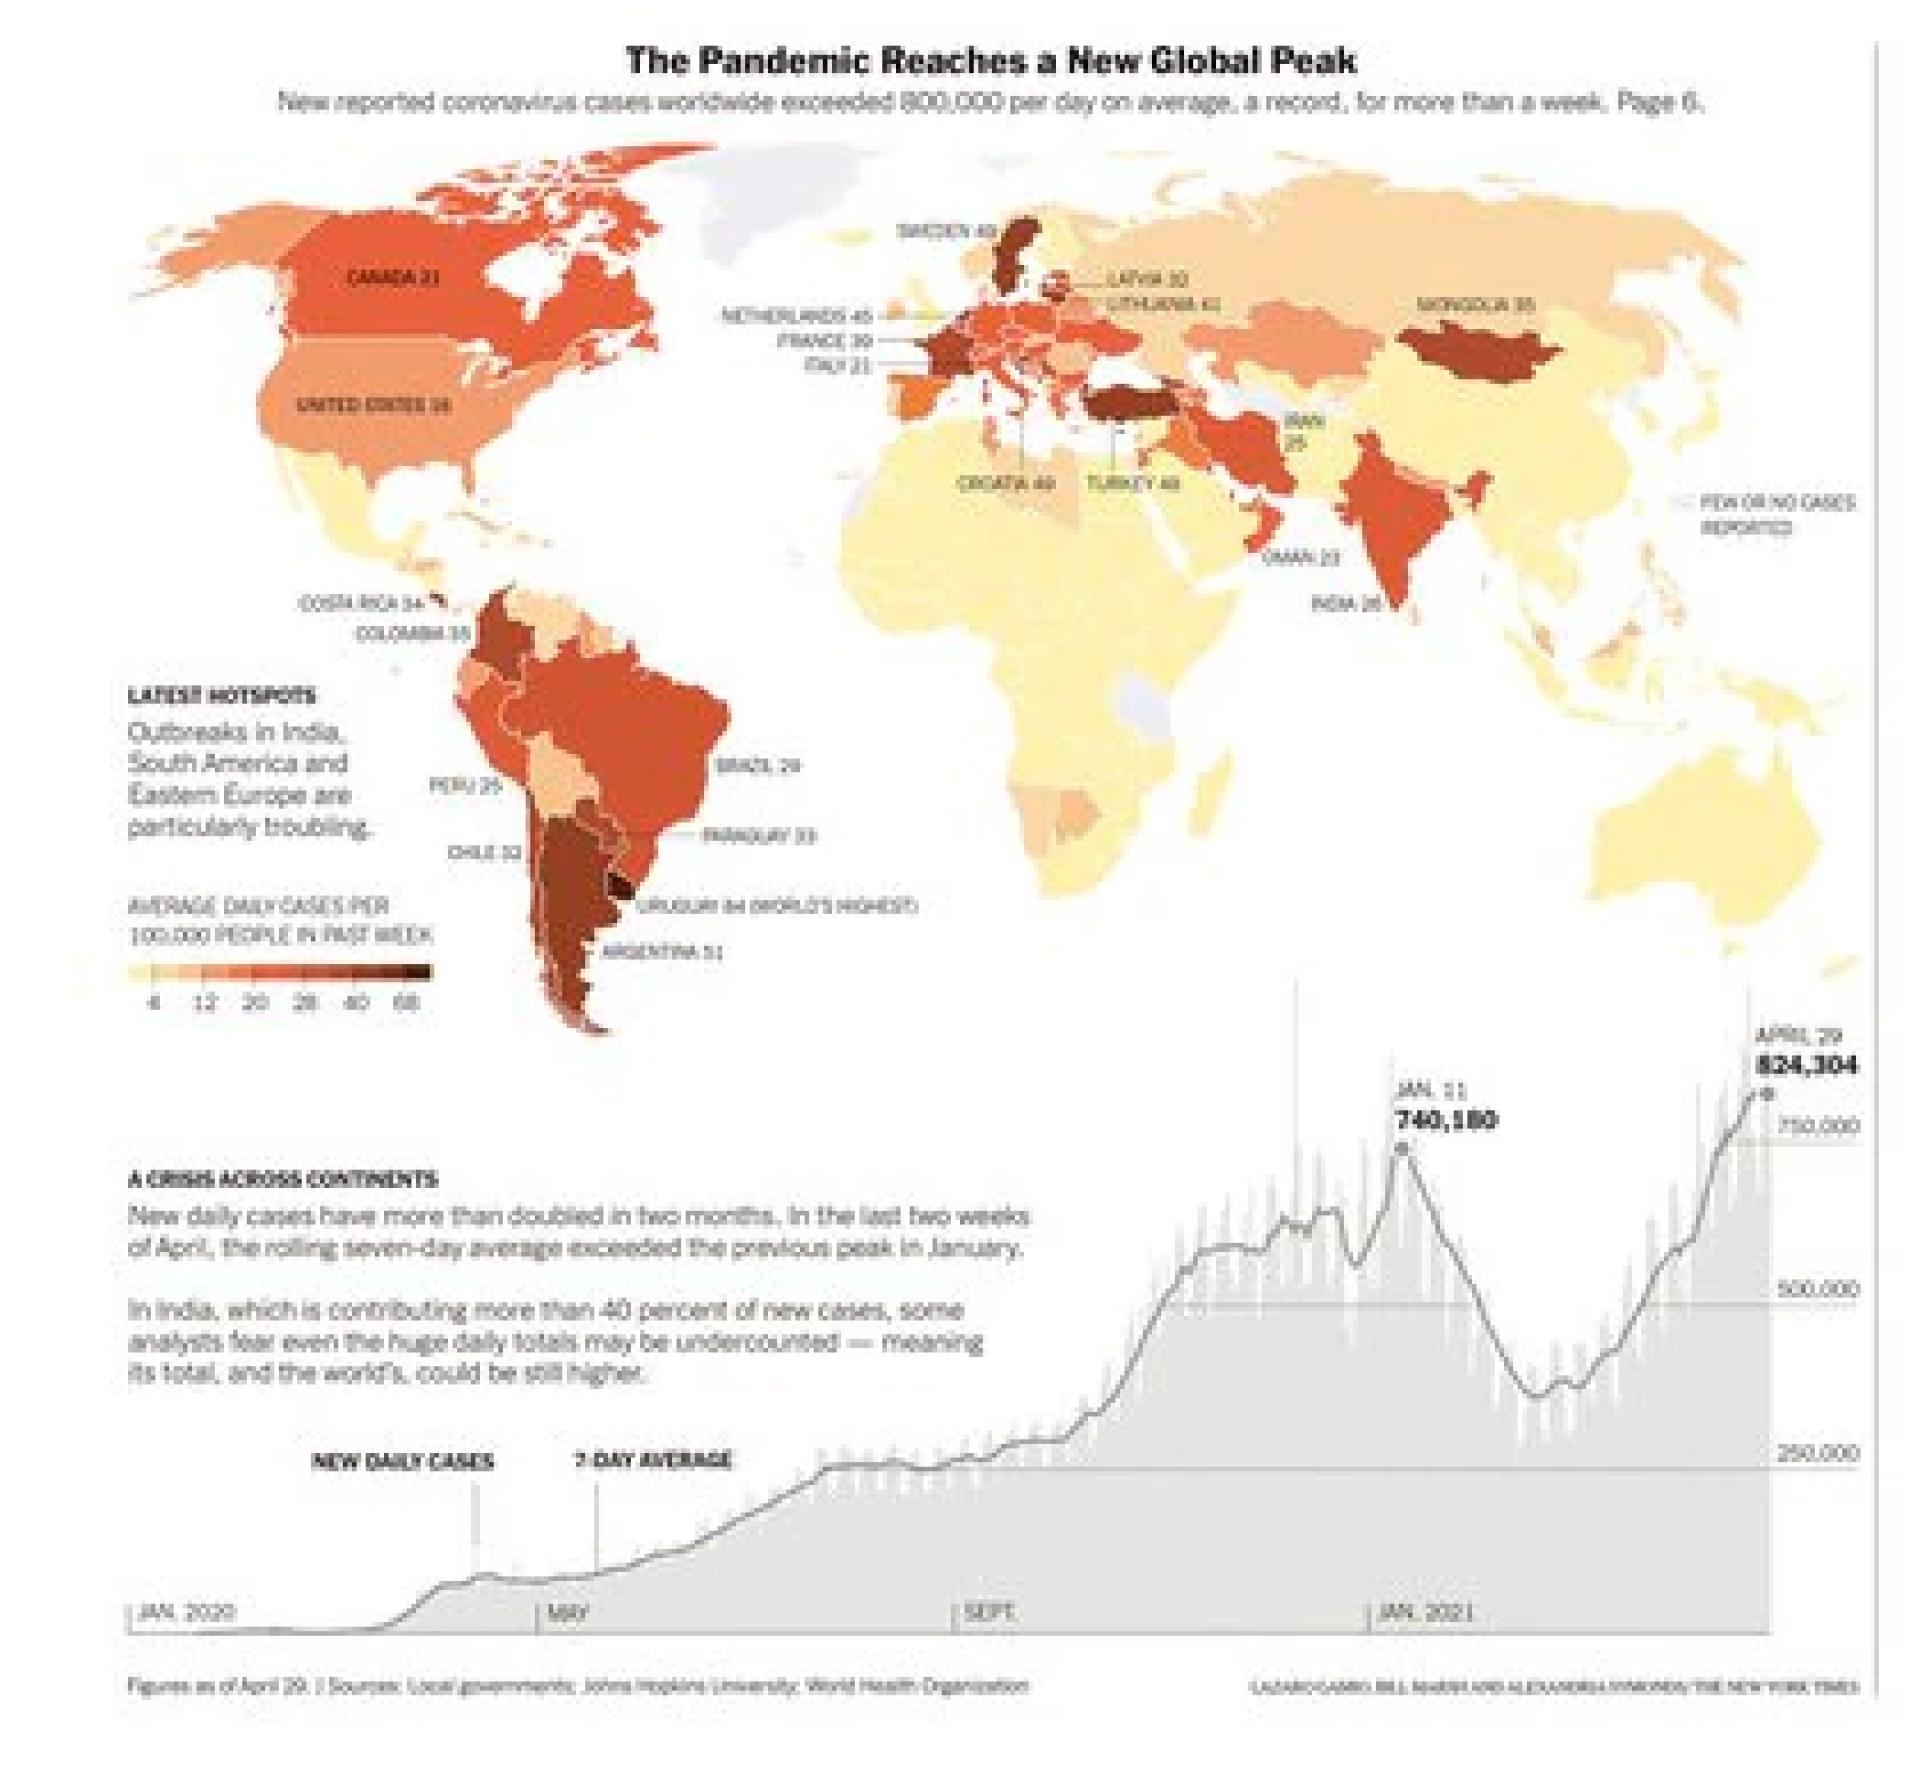 El número global de infecciones se ha disparado desde principios de marzo, duplicándose con creces en dos meses. Hace más de una semana que la tasa media diaria se mantiene por encima de los 800.000 contagios. En marrón oscuro los países con medias más altas de contagio pro cada 100.000 habitantes.